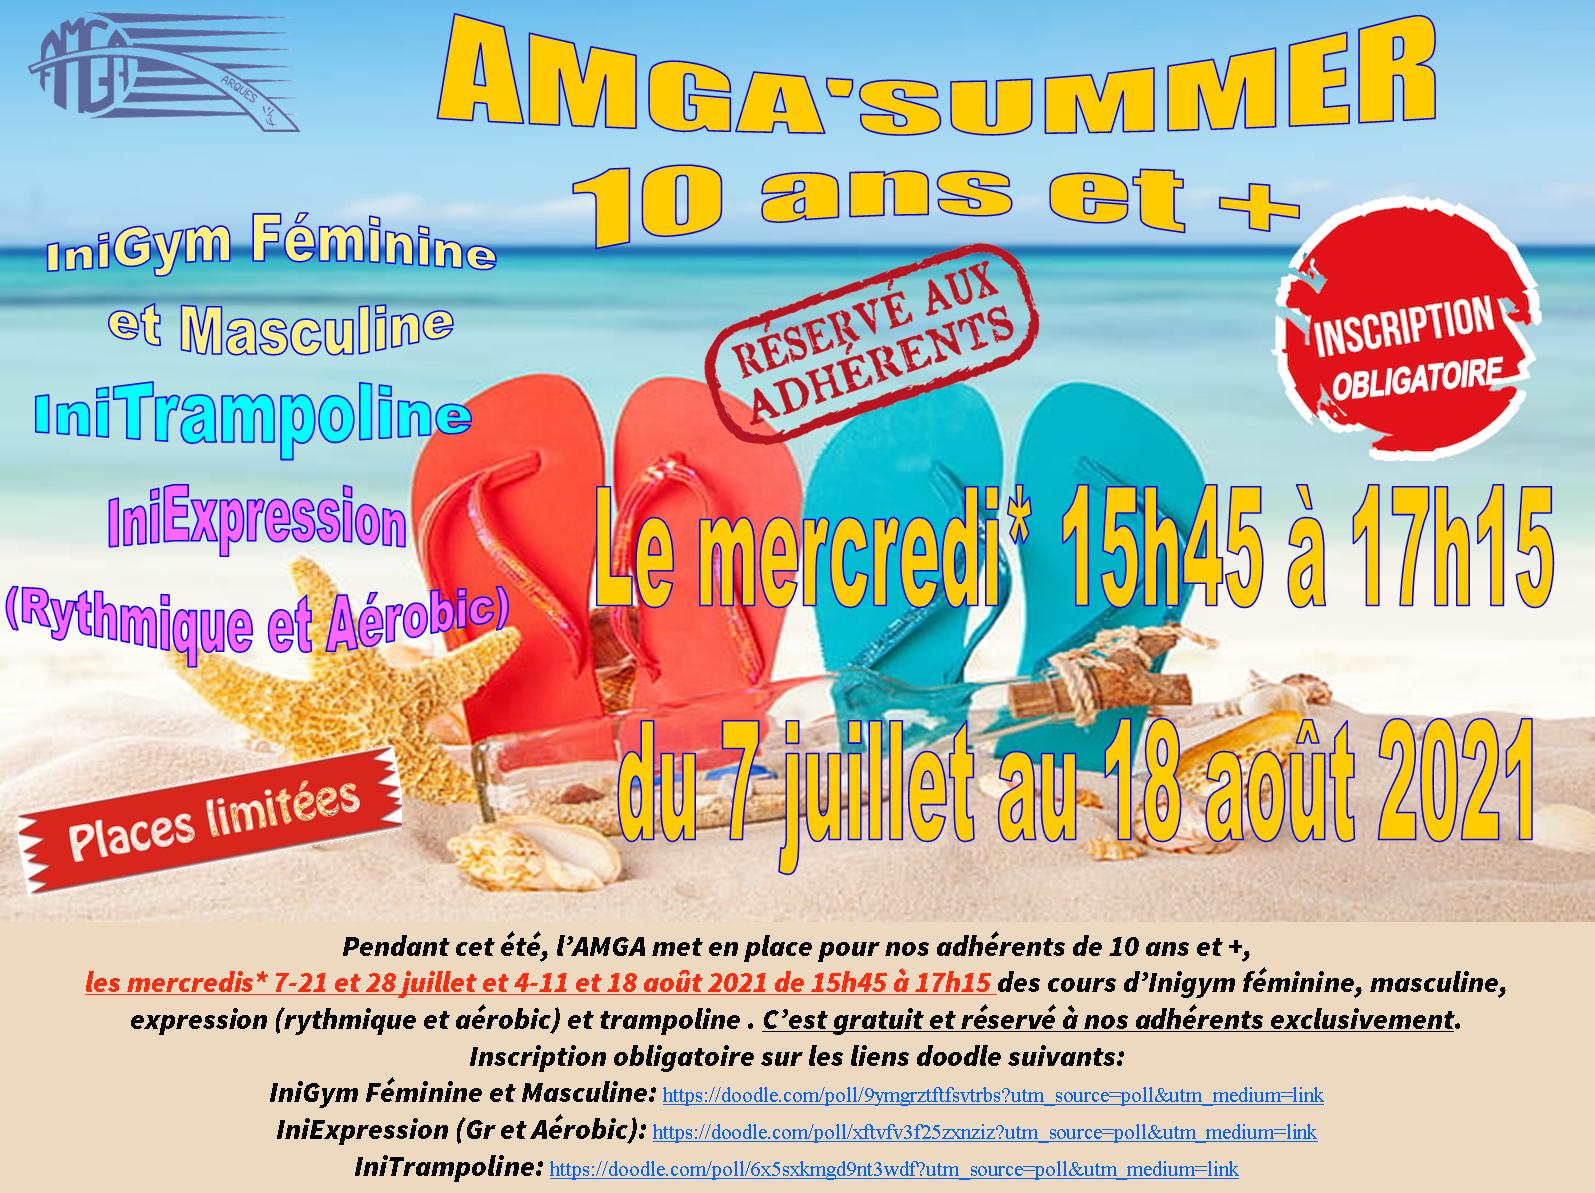 AMGA'Summer 10 ans et +